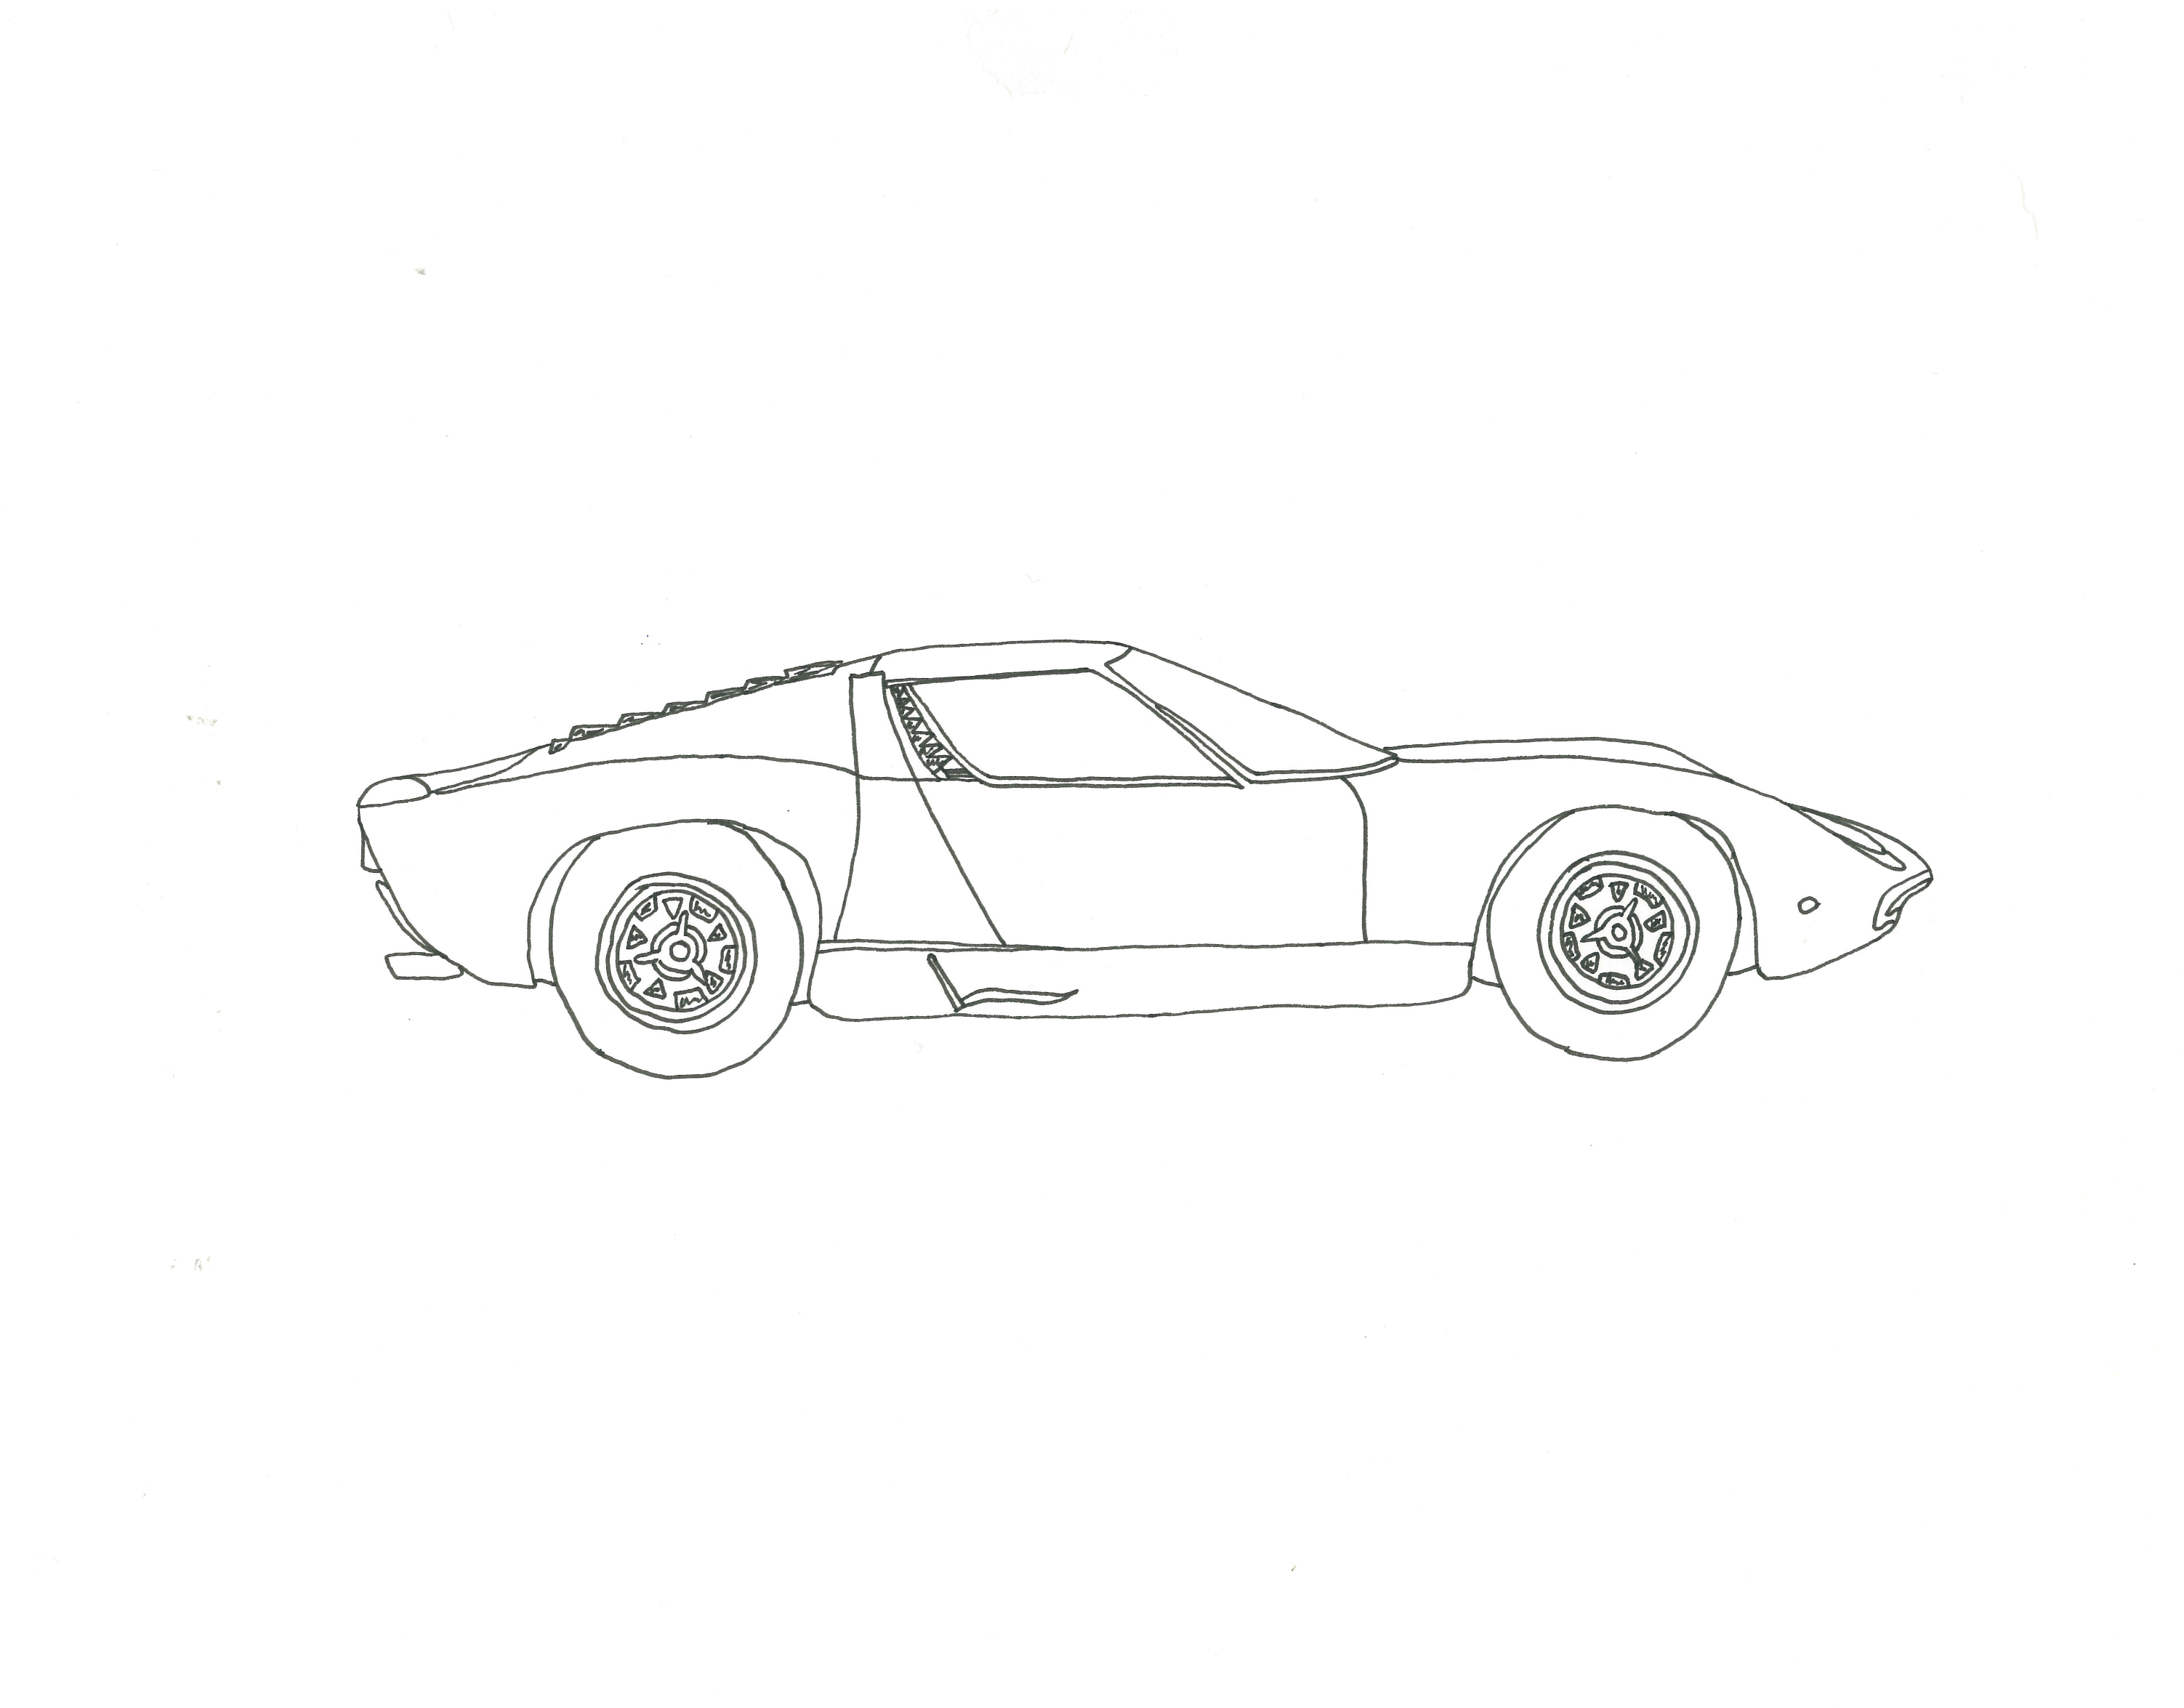 Miura SV Lamborghini '70